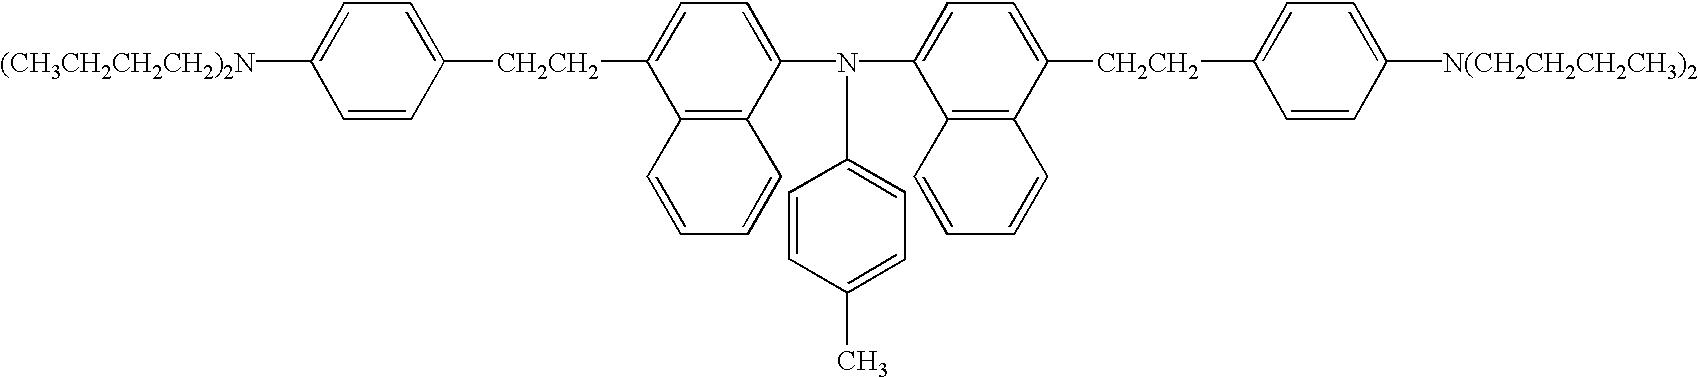 Figure US20030194627A1-20031016-C00118